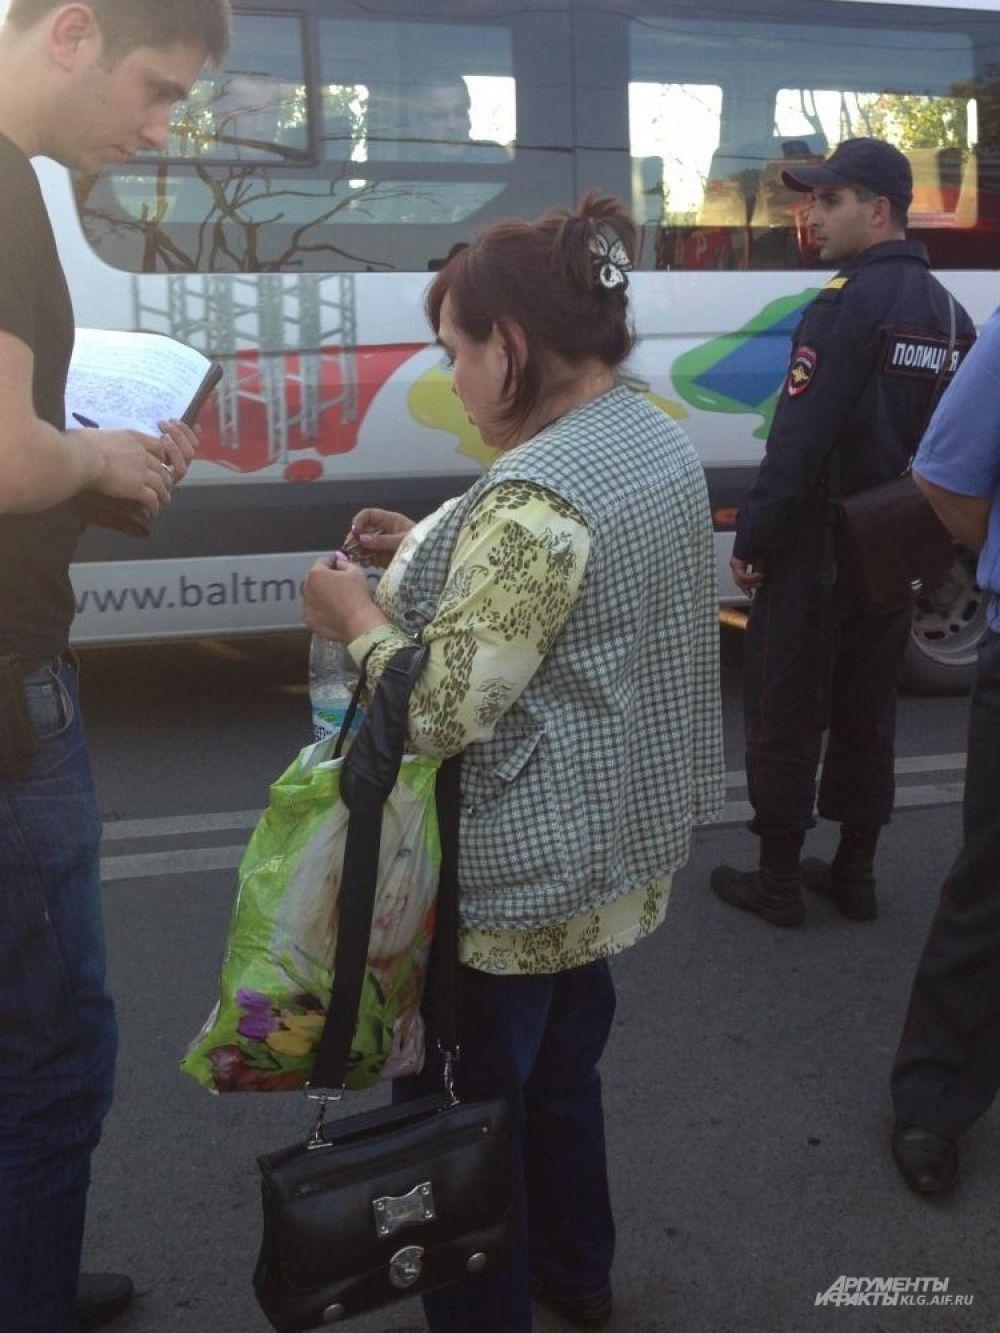 Кондуктор злополучного автобуса - в состоянии шока. По её словам, от удара водитель вылетел из окна автобуса, она пыталась его поймать и тут все рухнули вниз.